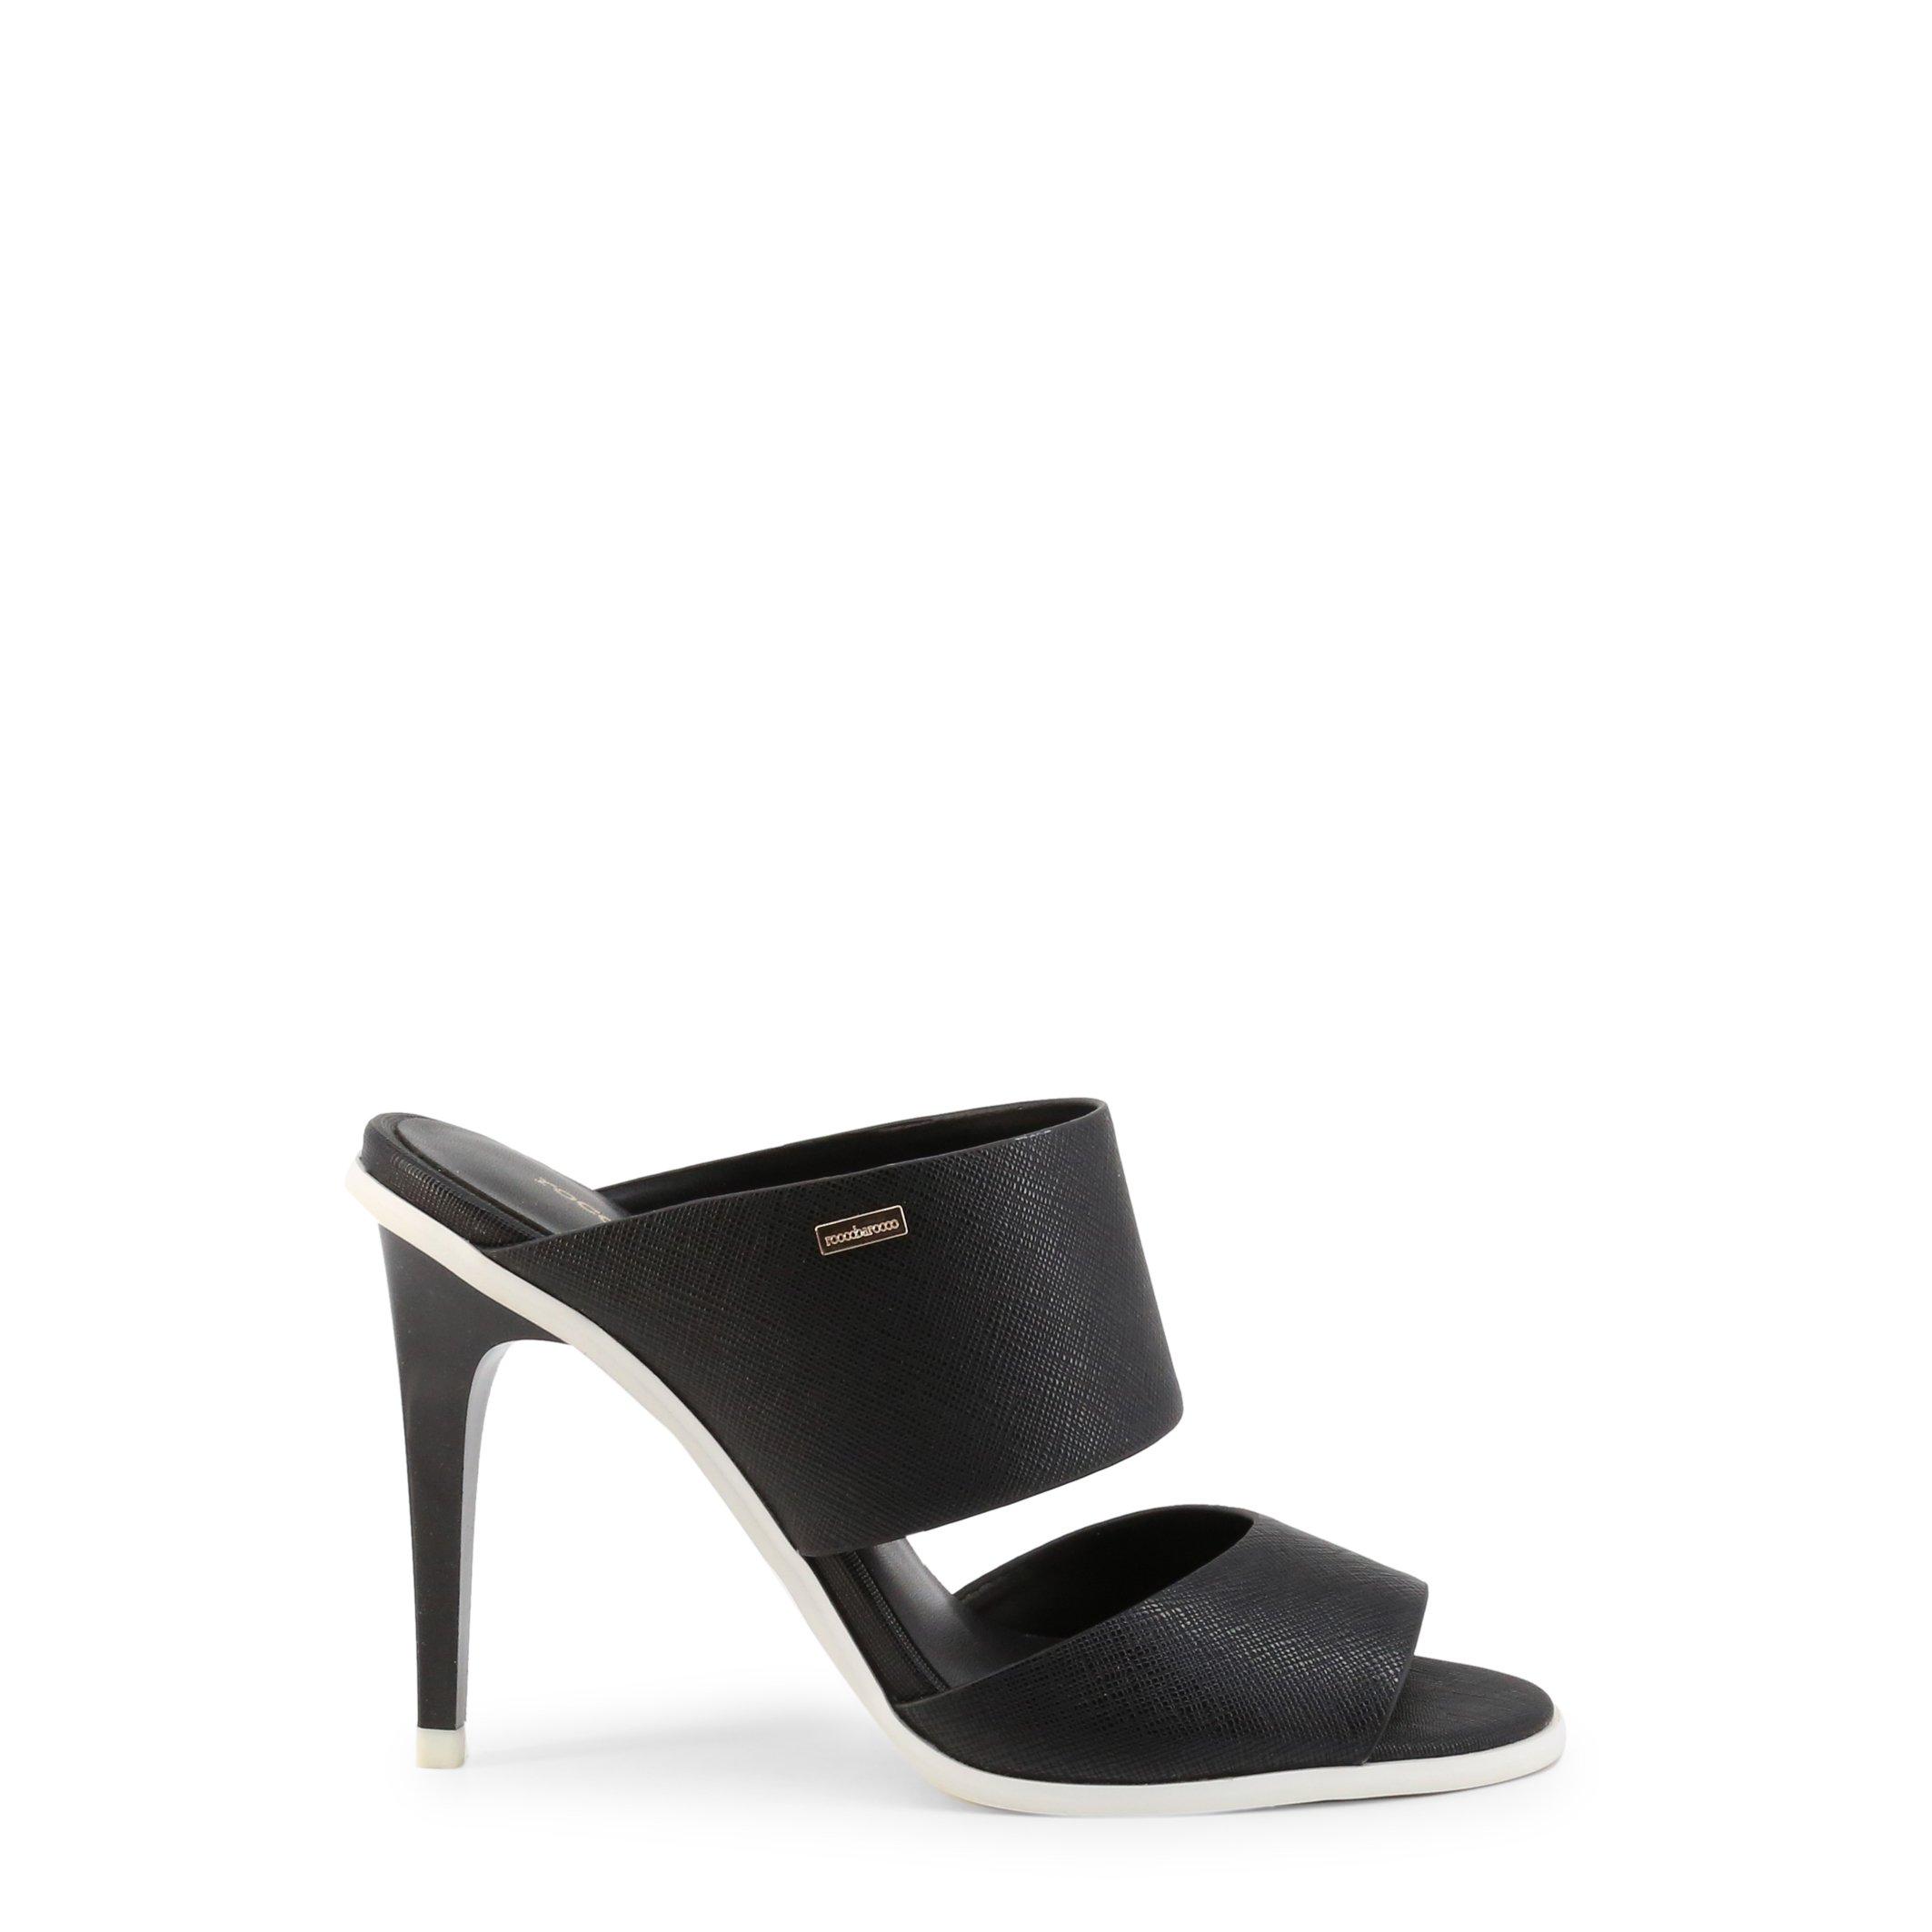 Roccobarocco Women's Sandal Various Colours ROSC12181 - black EU 36